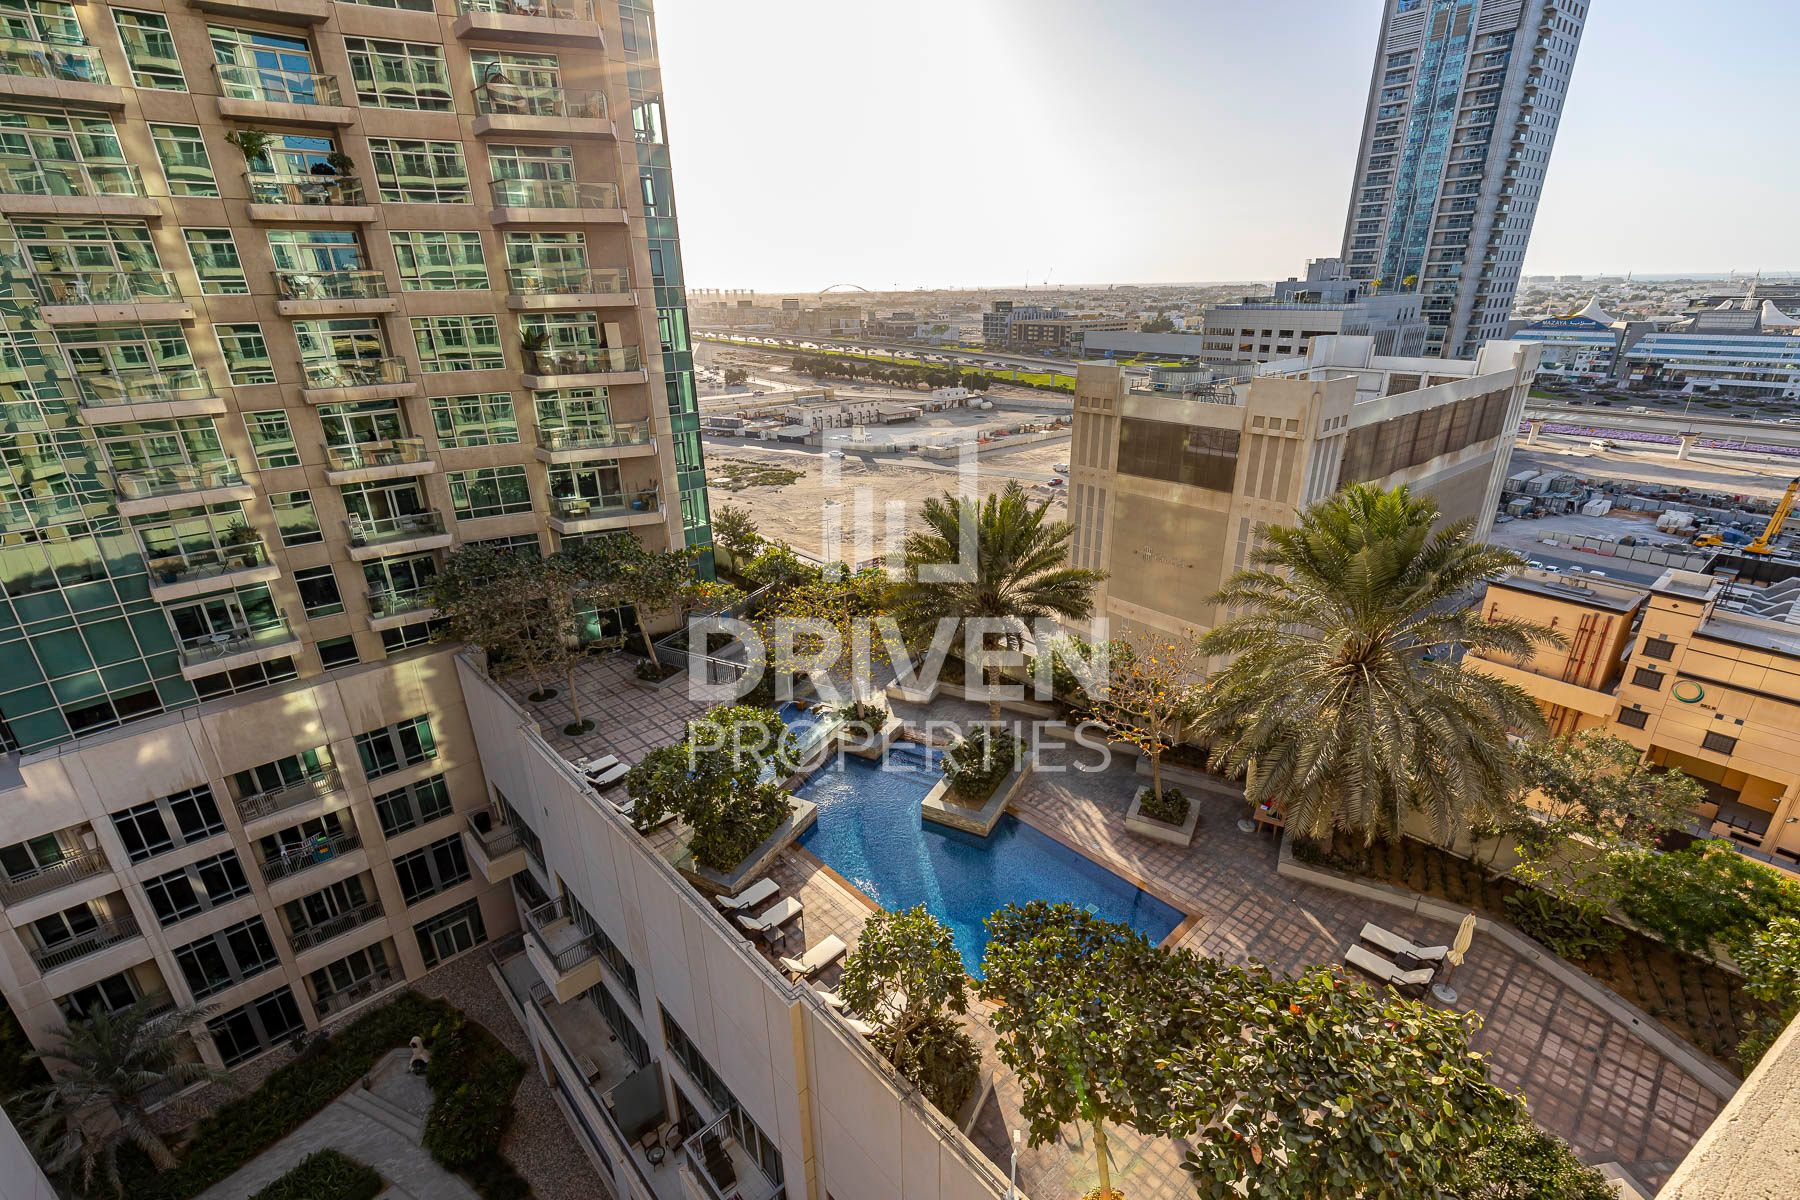 1,242 قدم مربع  شقة - للبيع - دبي وسط المدينة